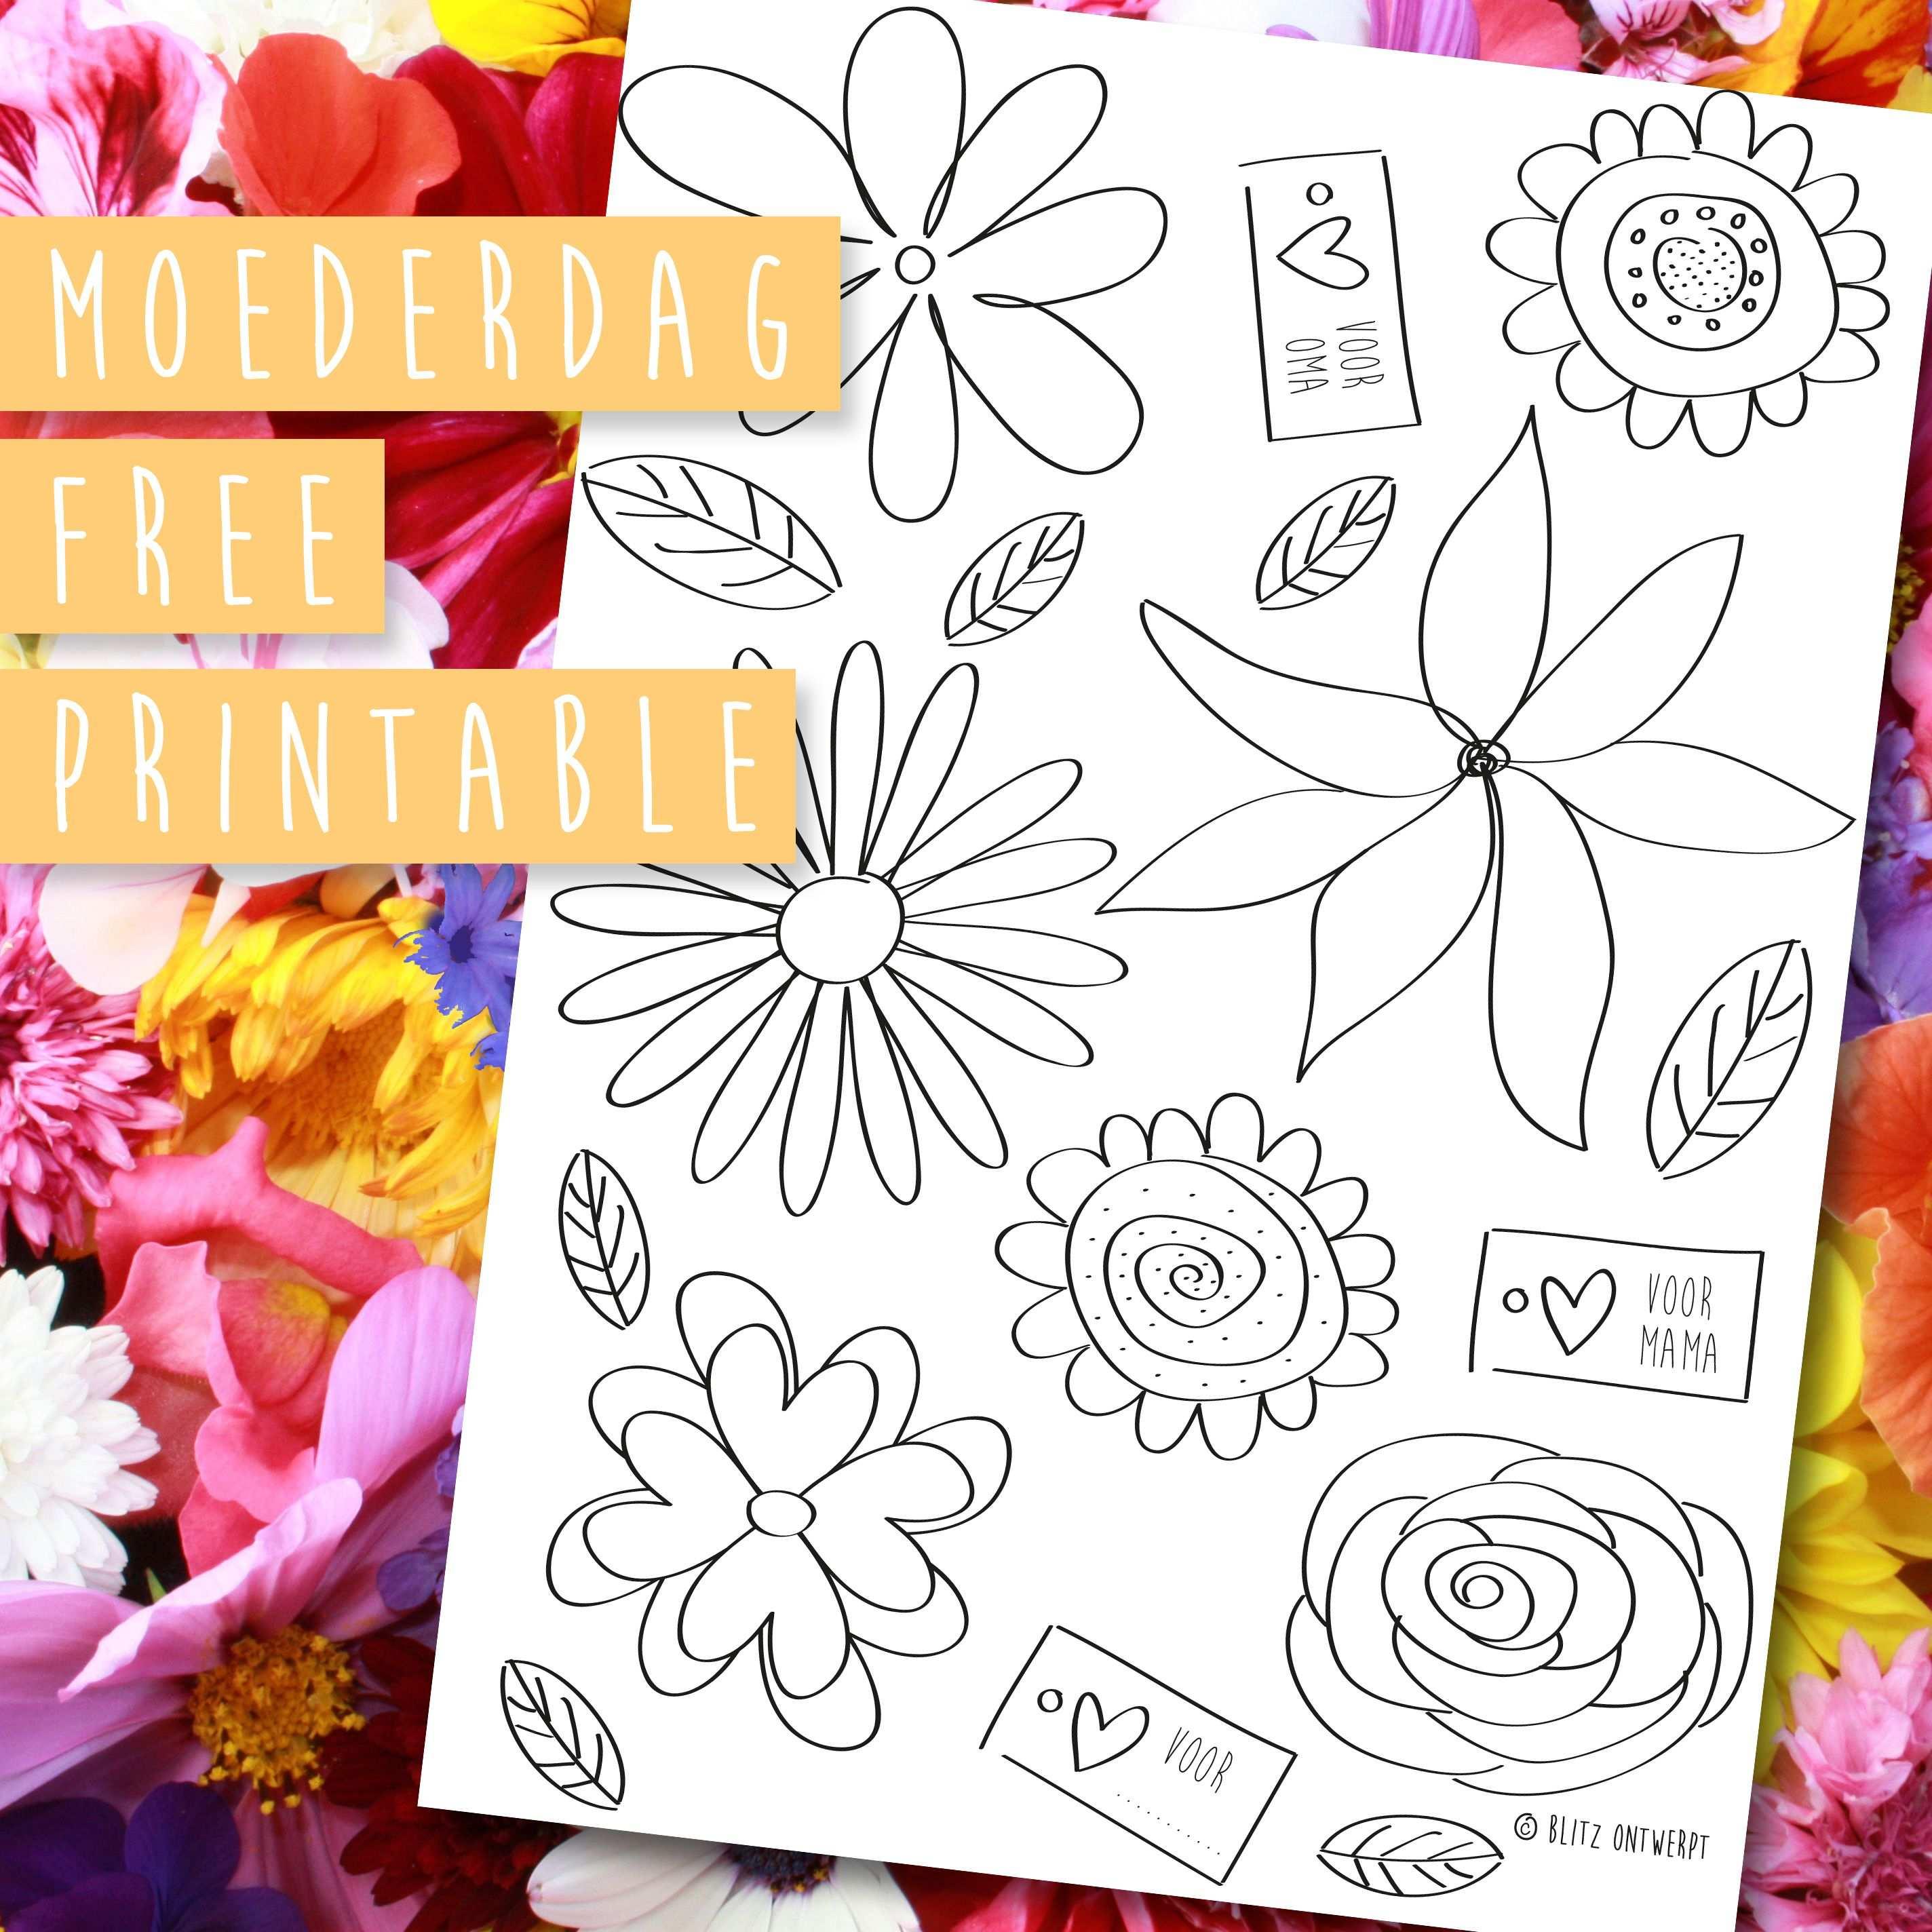 Moederdag Free Printable Bos Bloemen Moederdag Oma Knutselen